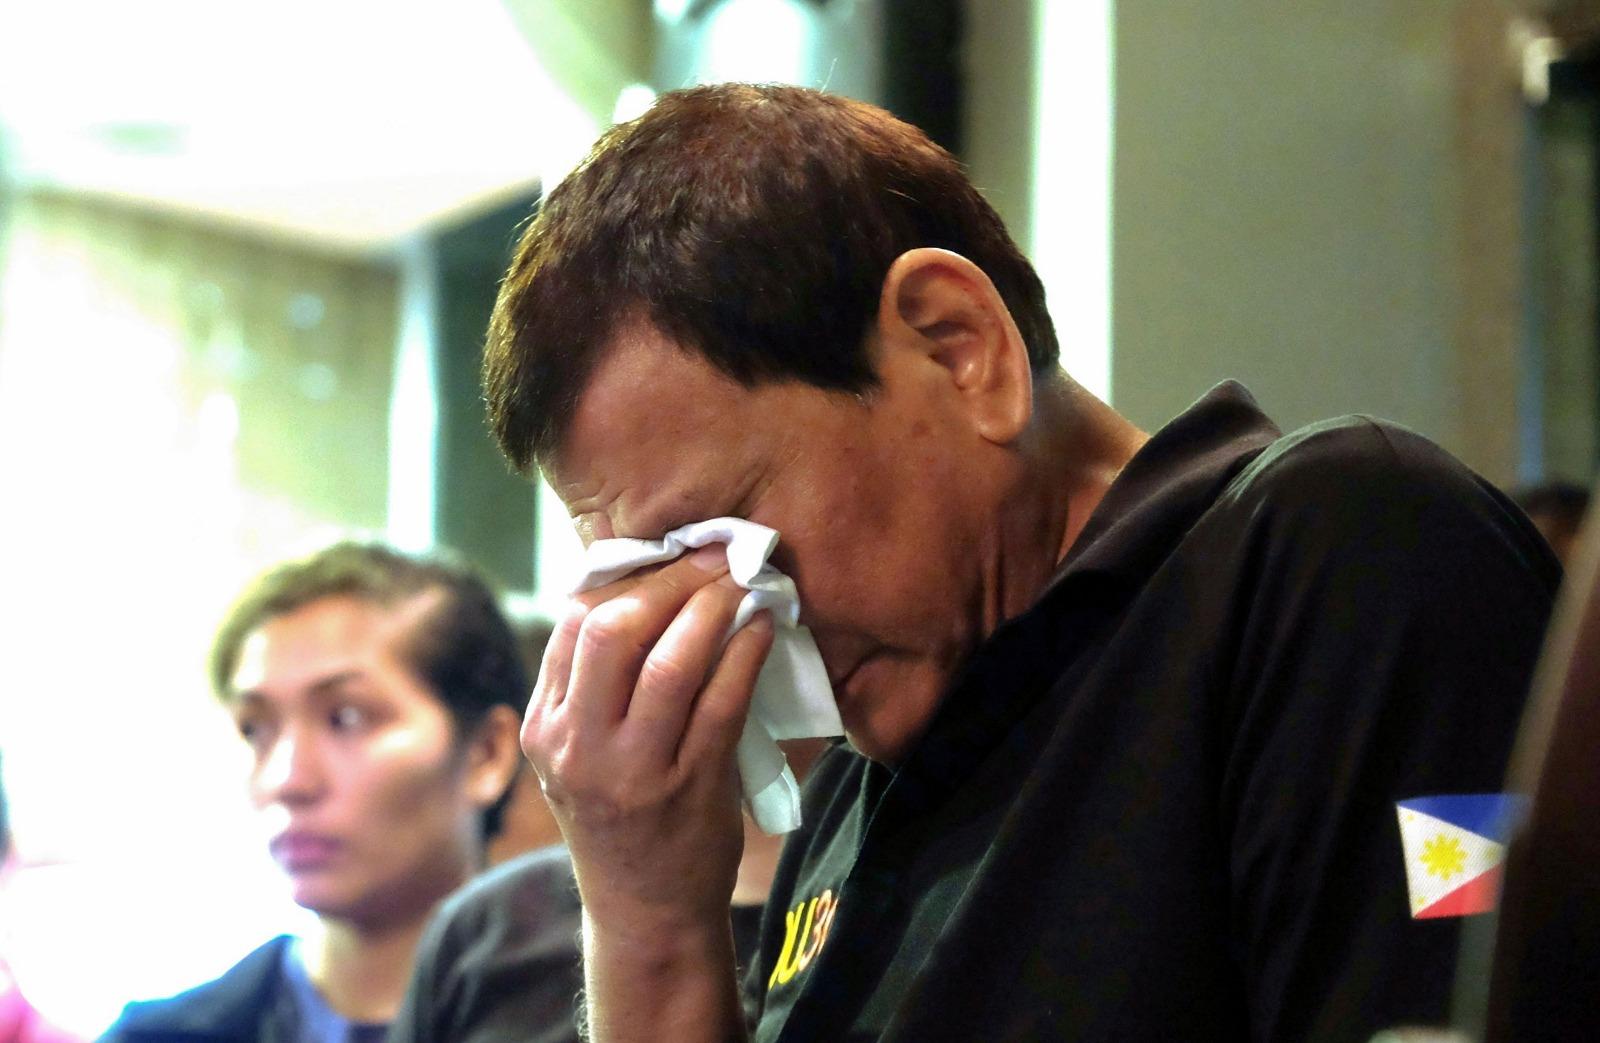 """الرئيس الفلبيني بعد تطاوله على الذات الإلهية: عتذر للرب الذي """"يغفر جميع الخطايا"""""""